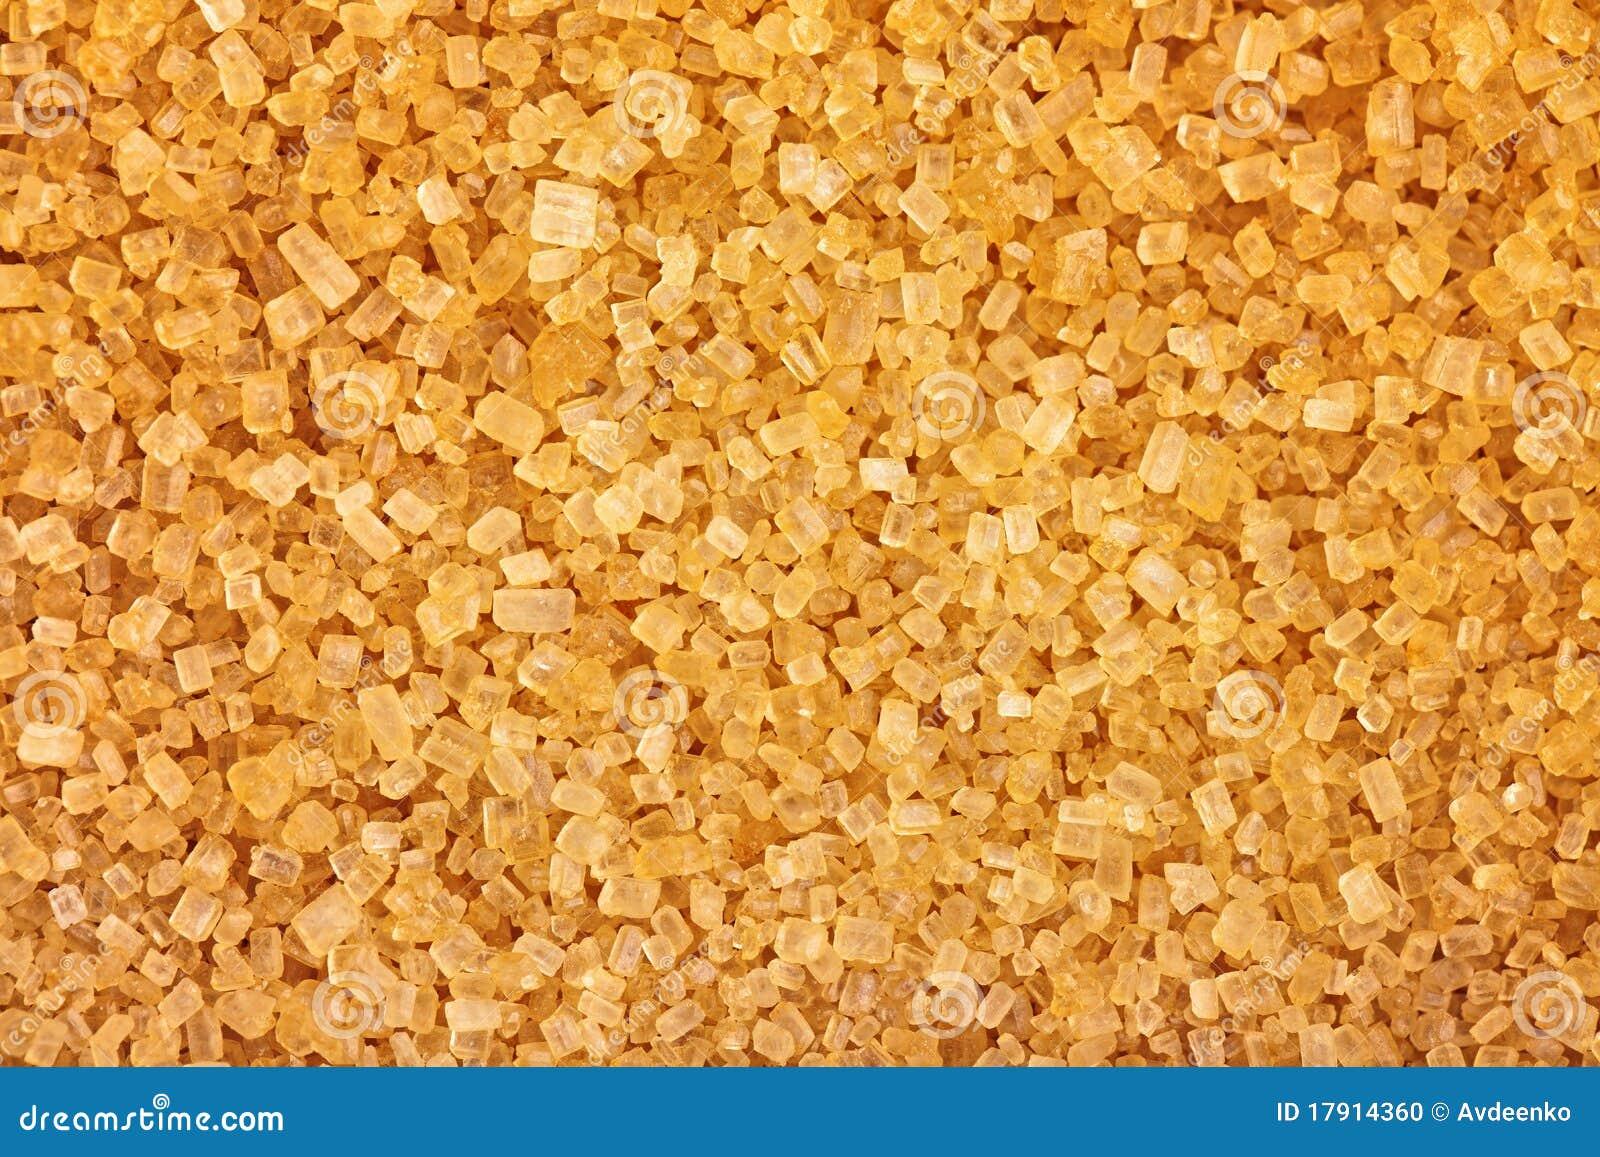 Brown Sugar Porn 101